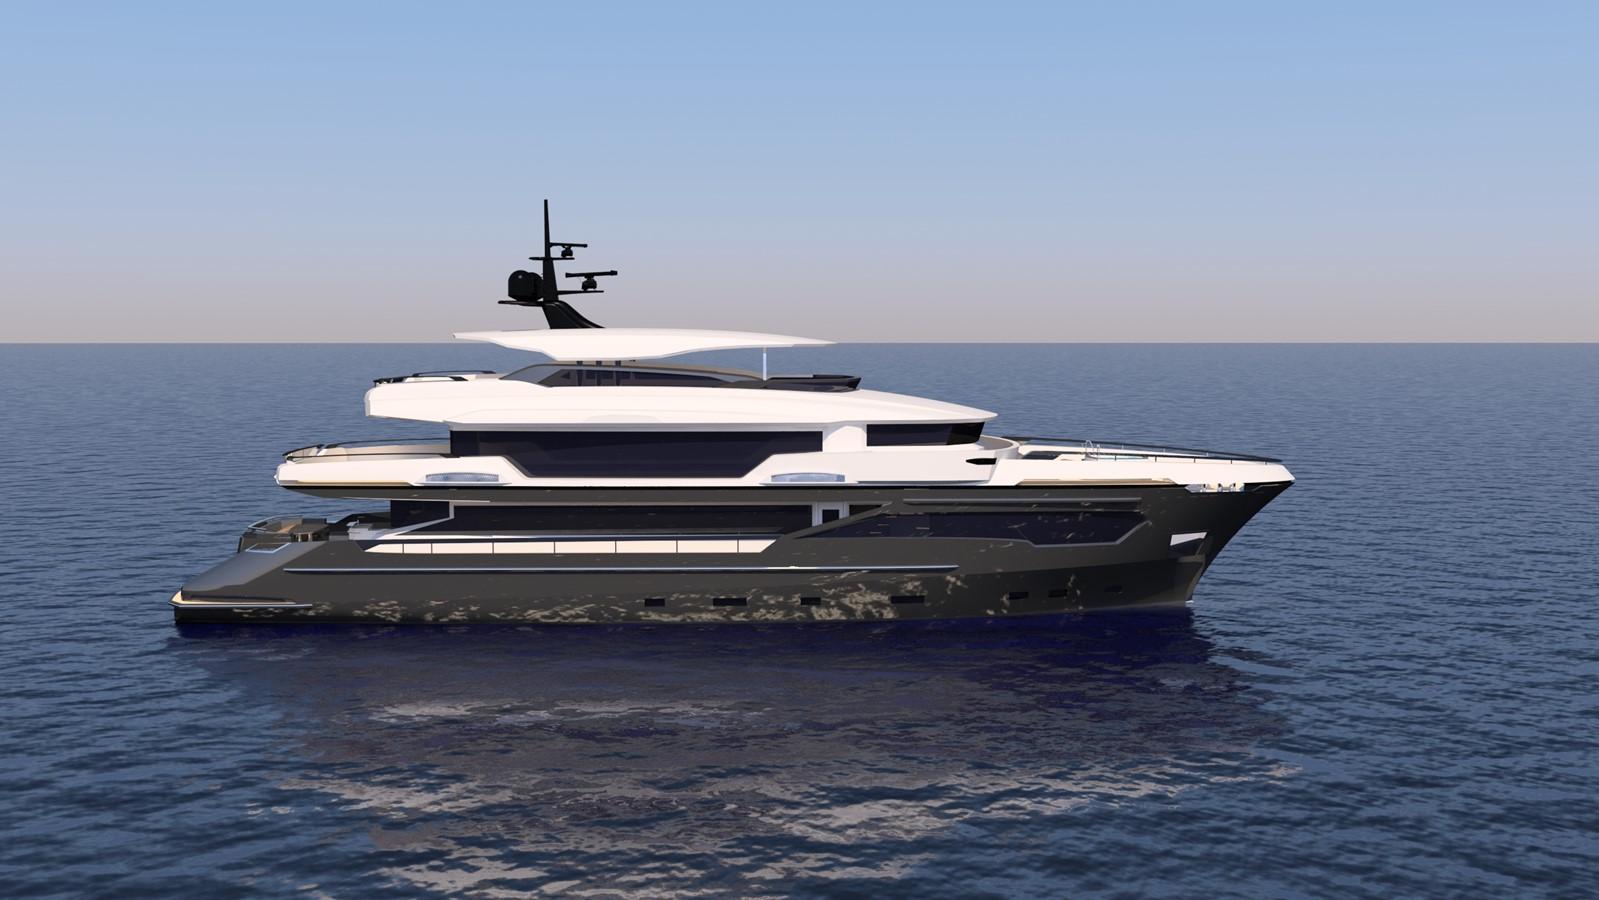 2022 AVA YACHTS Kando 130 Motor Yacht 2091089